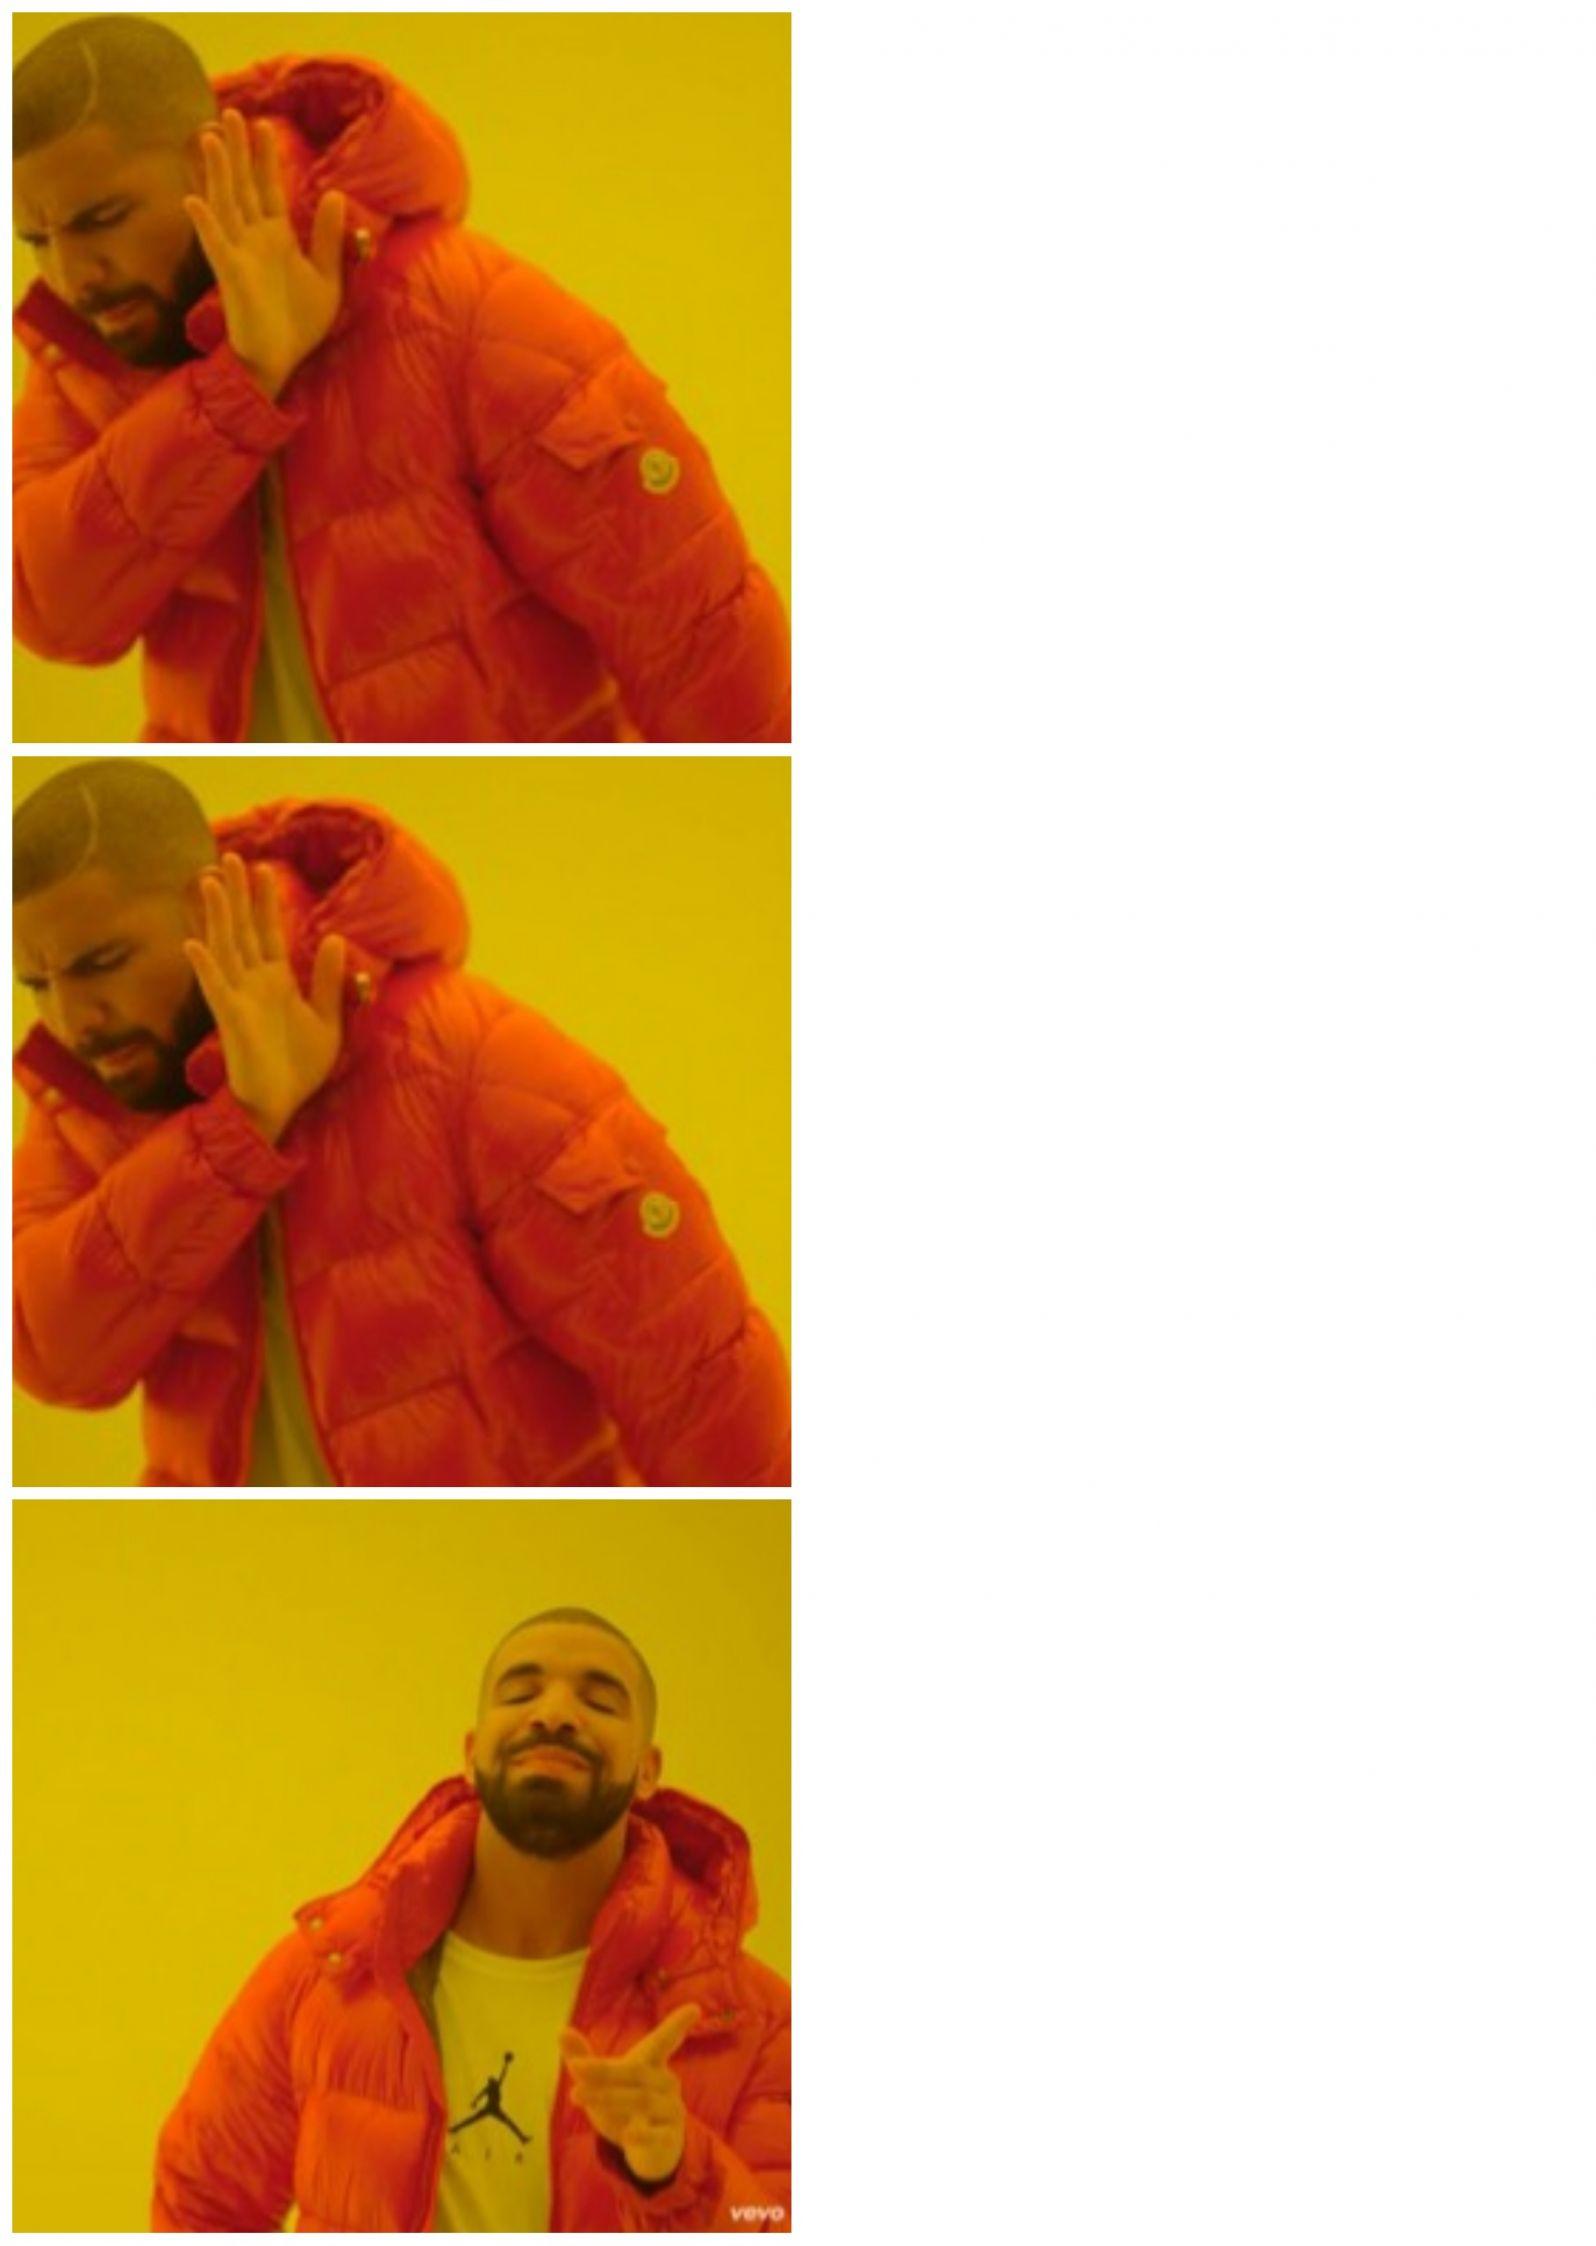 Drake Meme Templates Imgflip